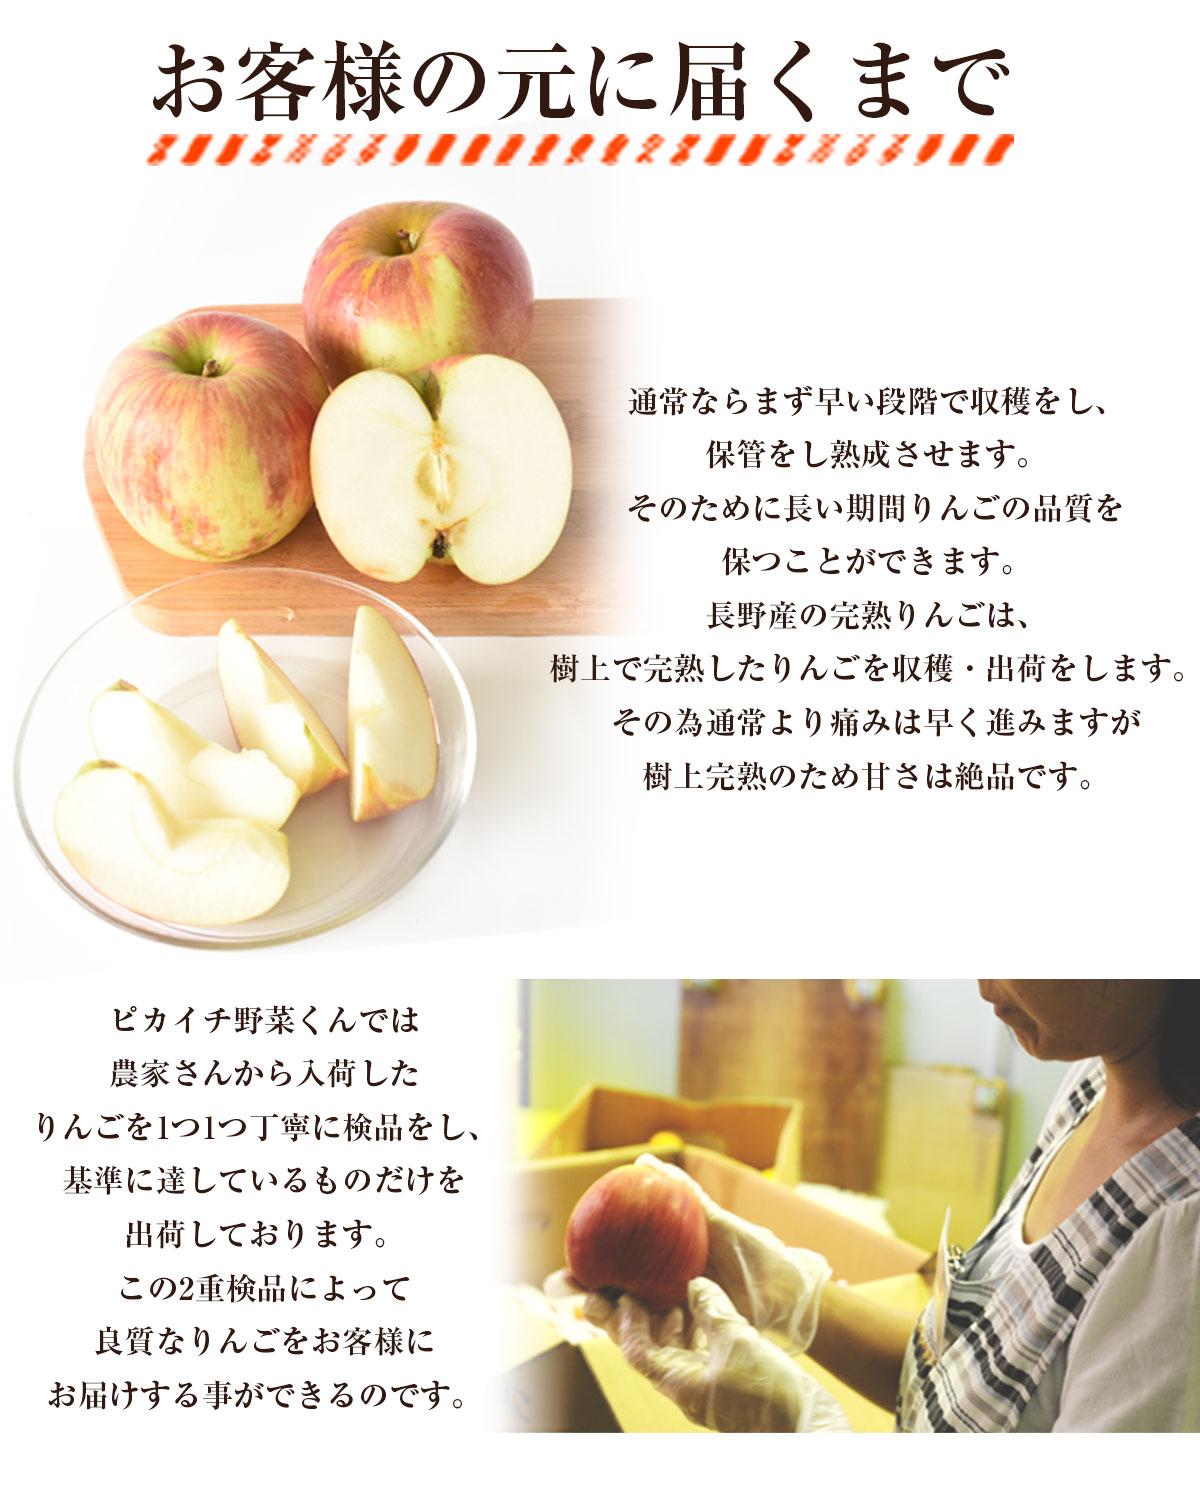 長野県産 りんご 5kg 【特別栽培農産物】【国産】【訳あり】